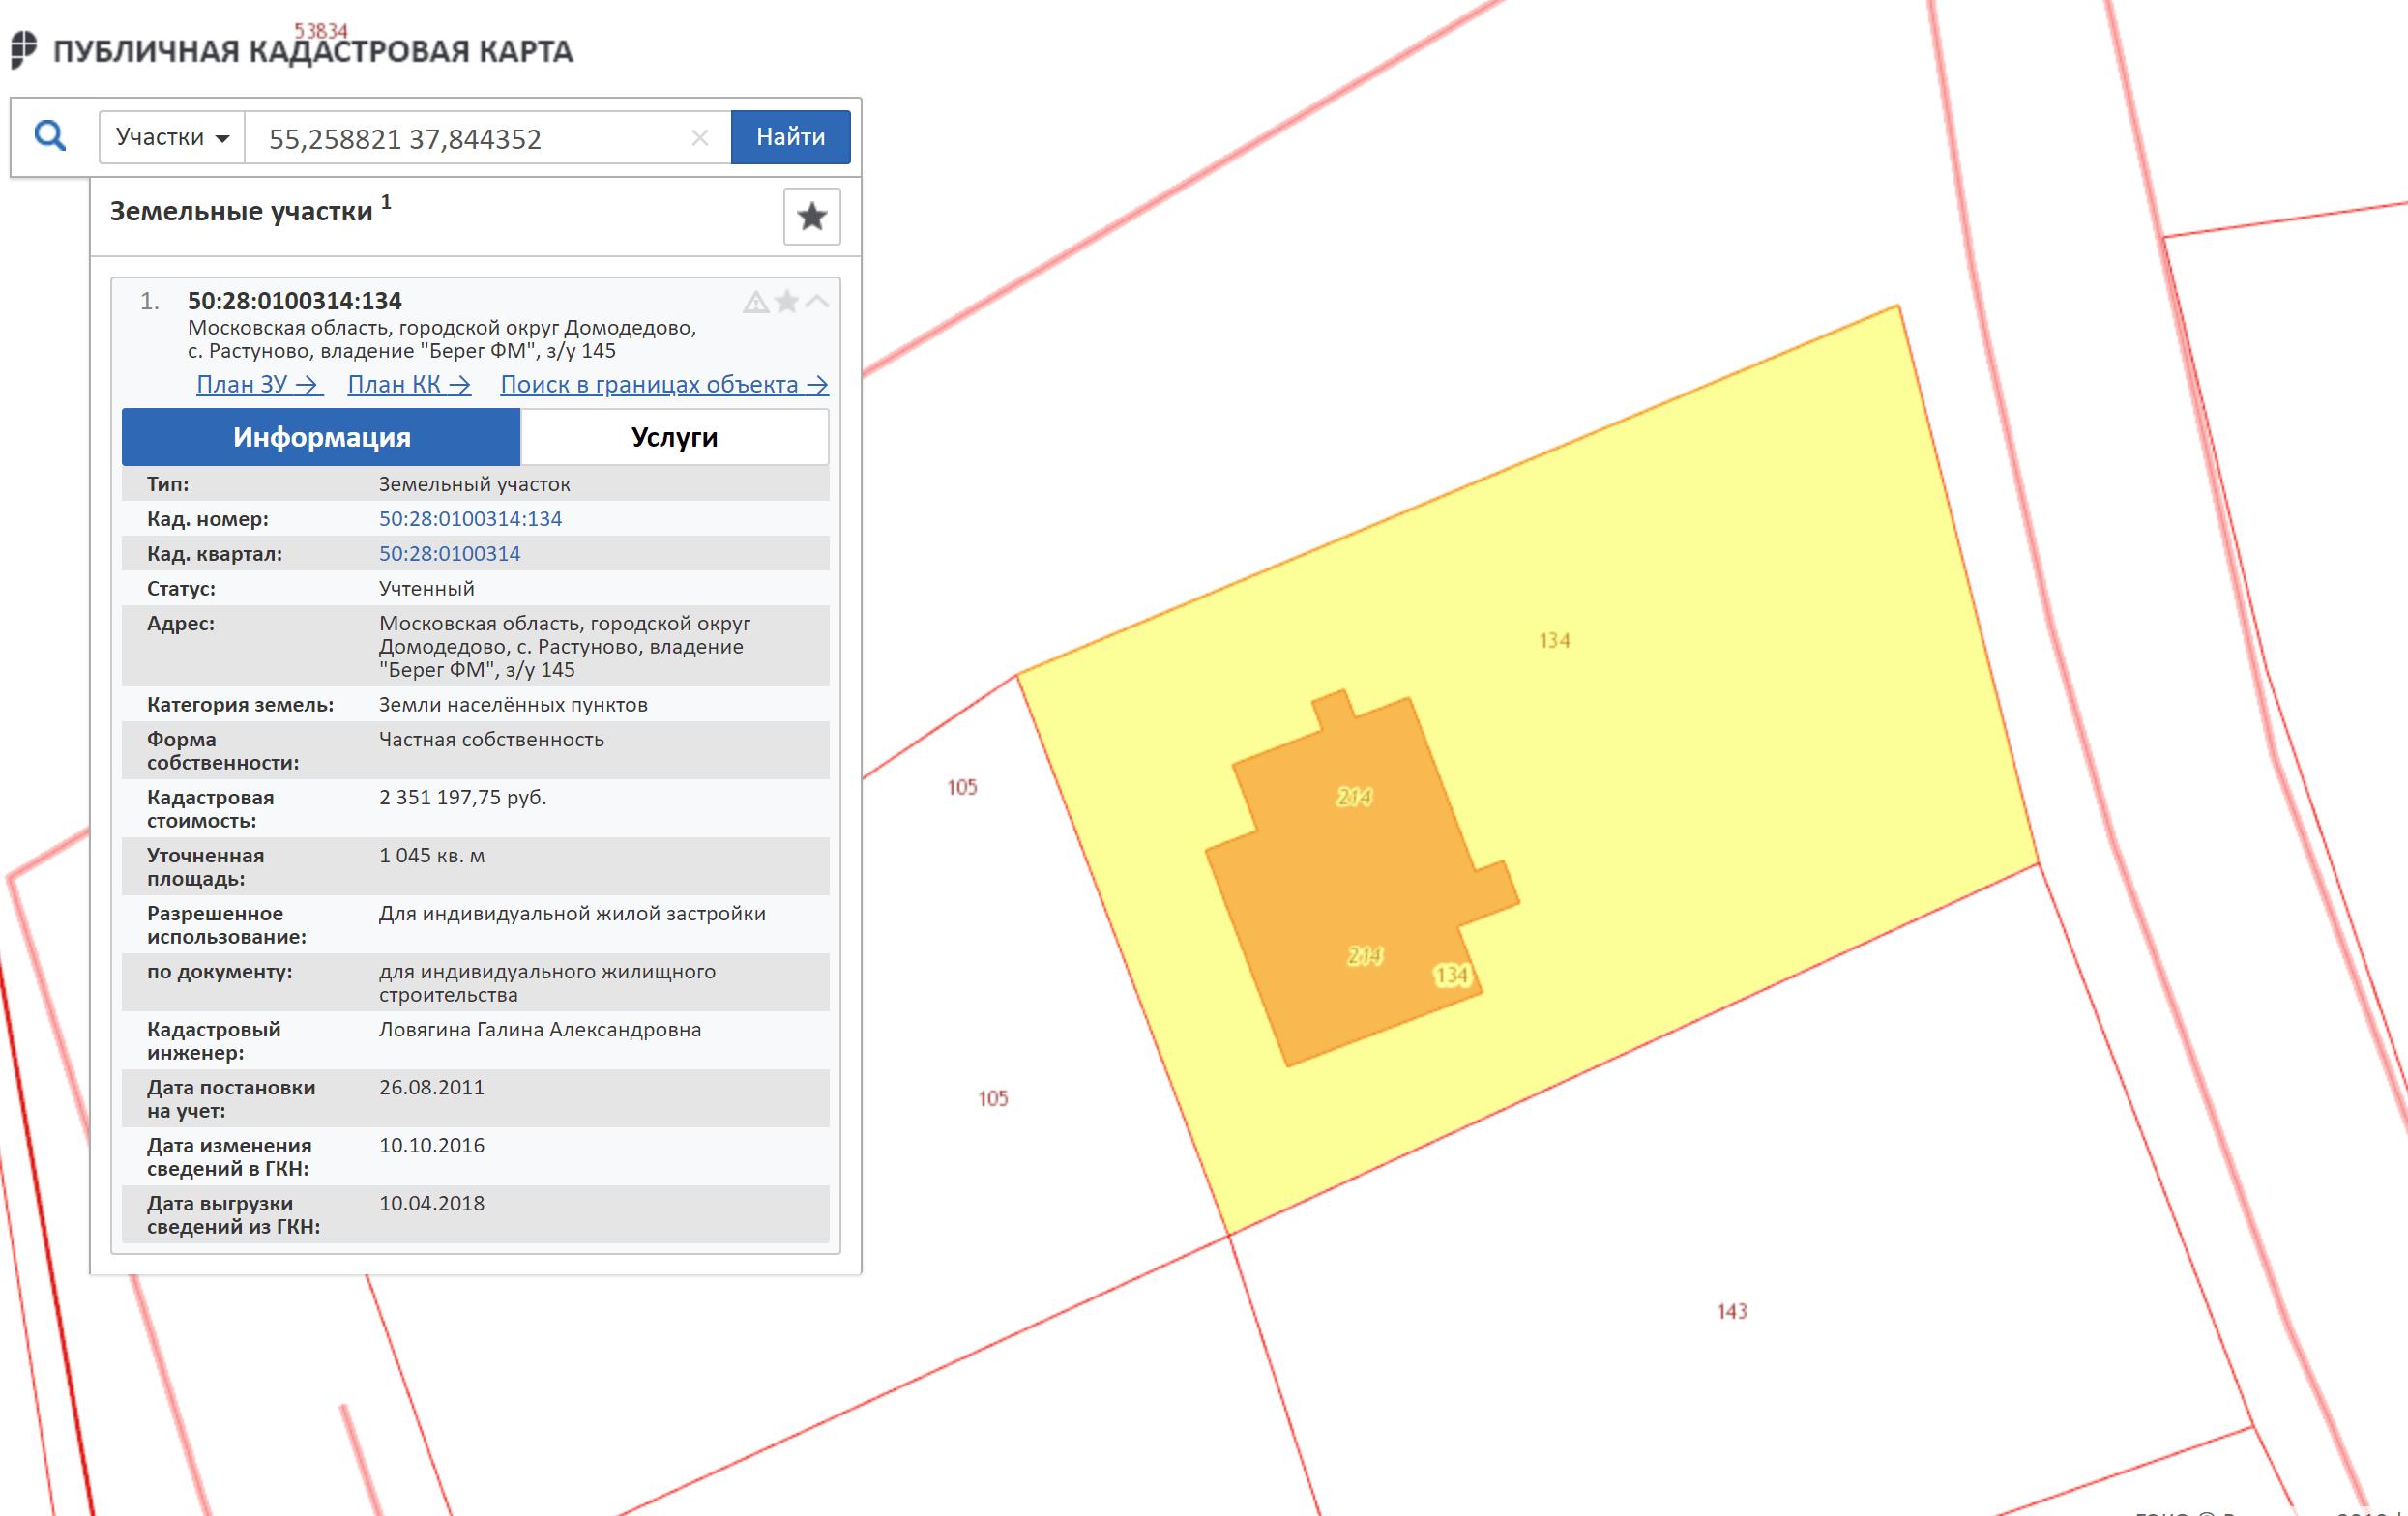 Чтобы узнать вид разрешенного использования, введите на сайте Росреестра в строке поиска кадастровый номер участка или координаты